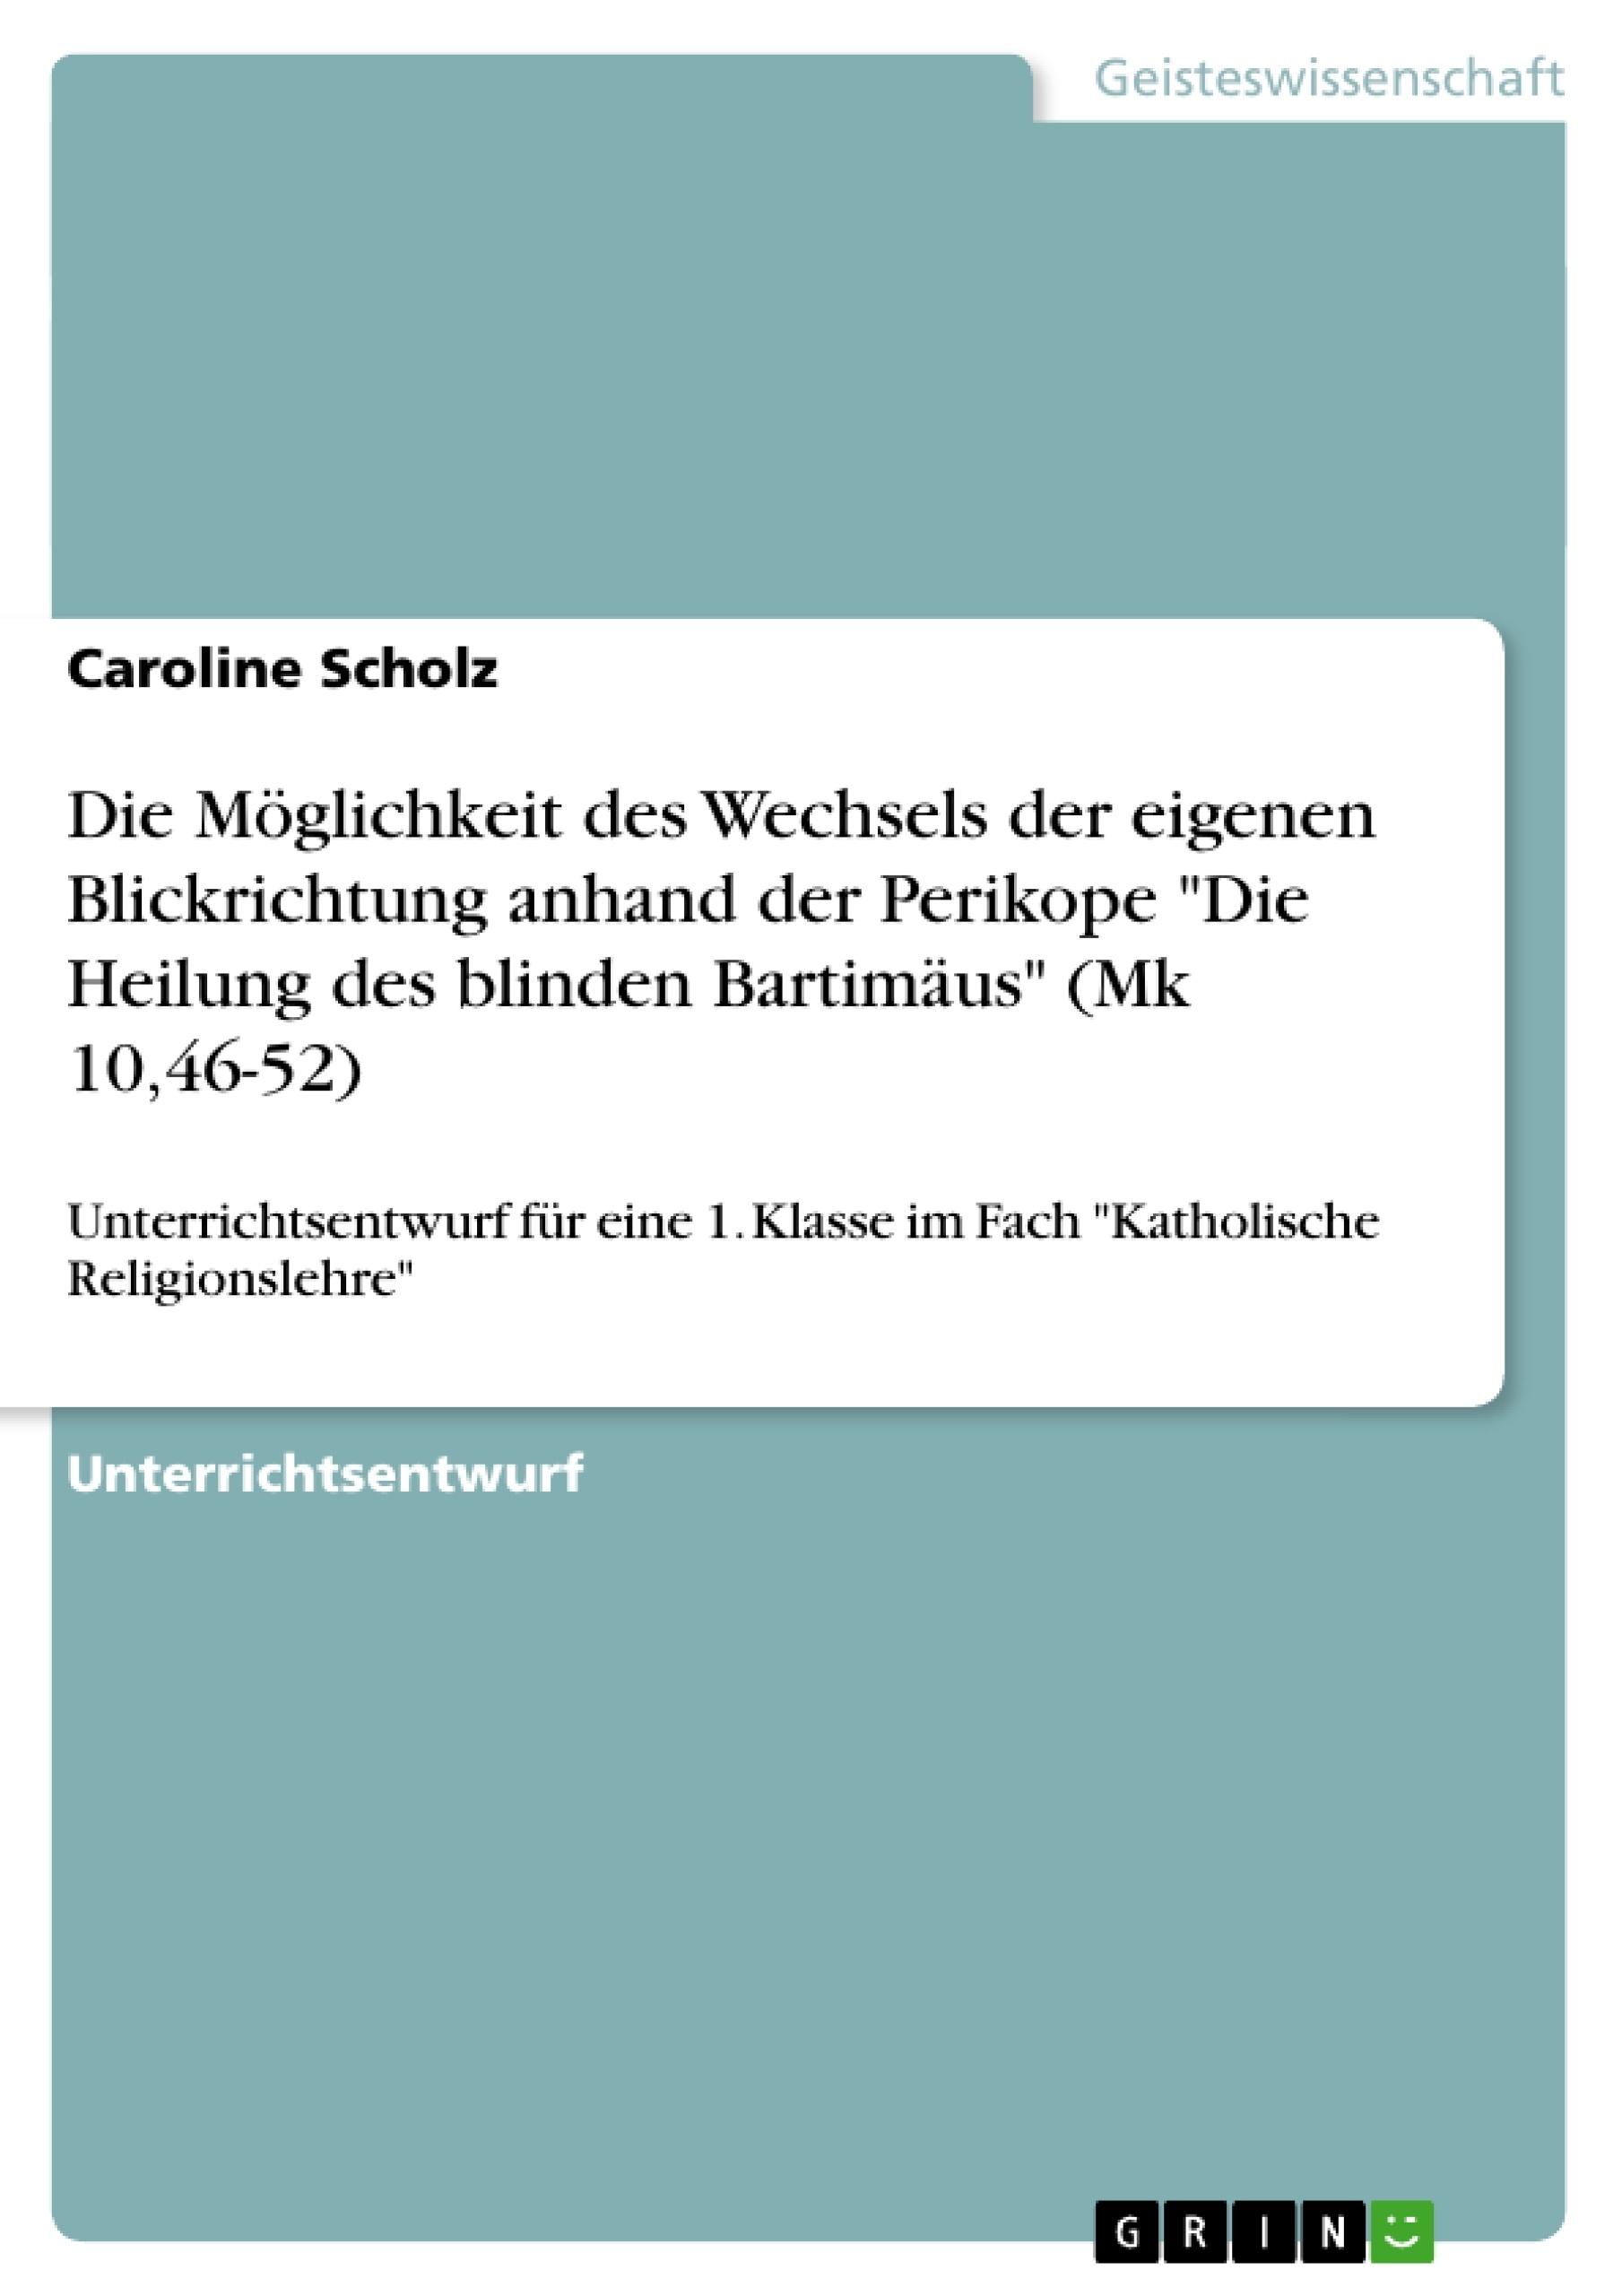 """Titel: Die Möglichkeit des Wechsels der eigenen Blickrichtung anhand der Perikope """"Die Heilung des blinden Bartimäus"""" (Mk 10,46-52)"""